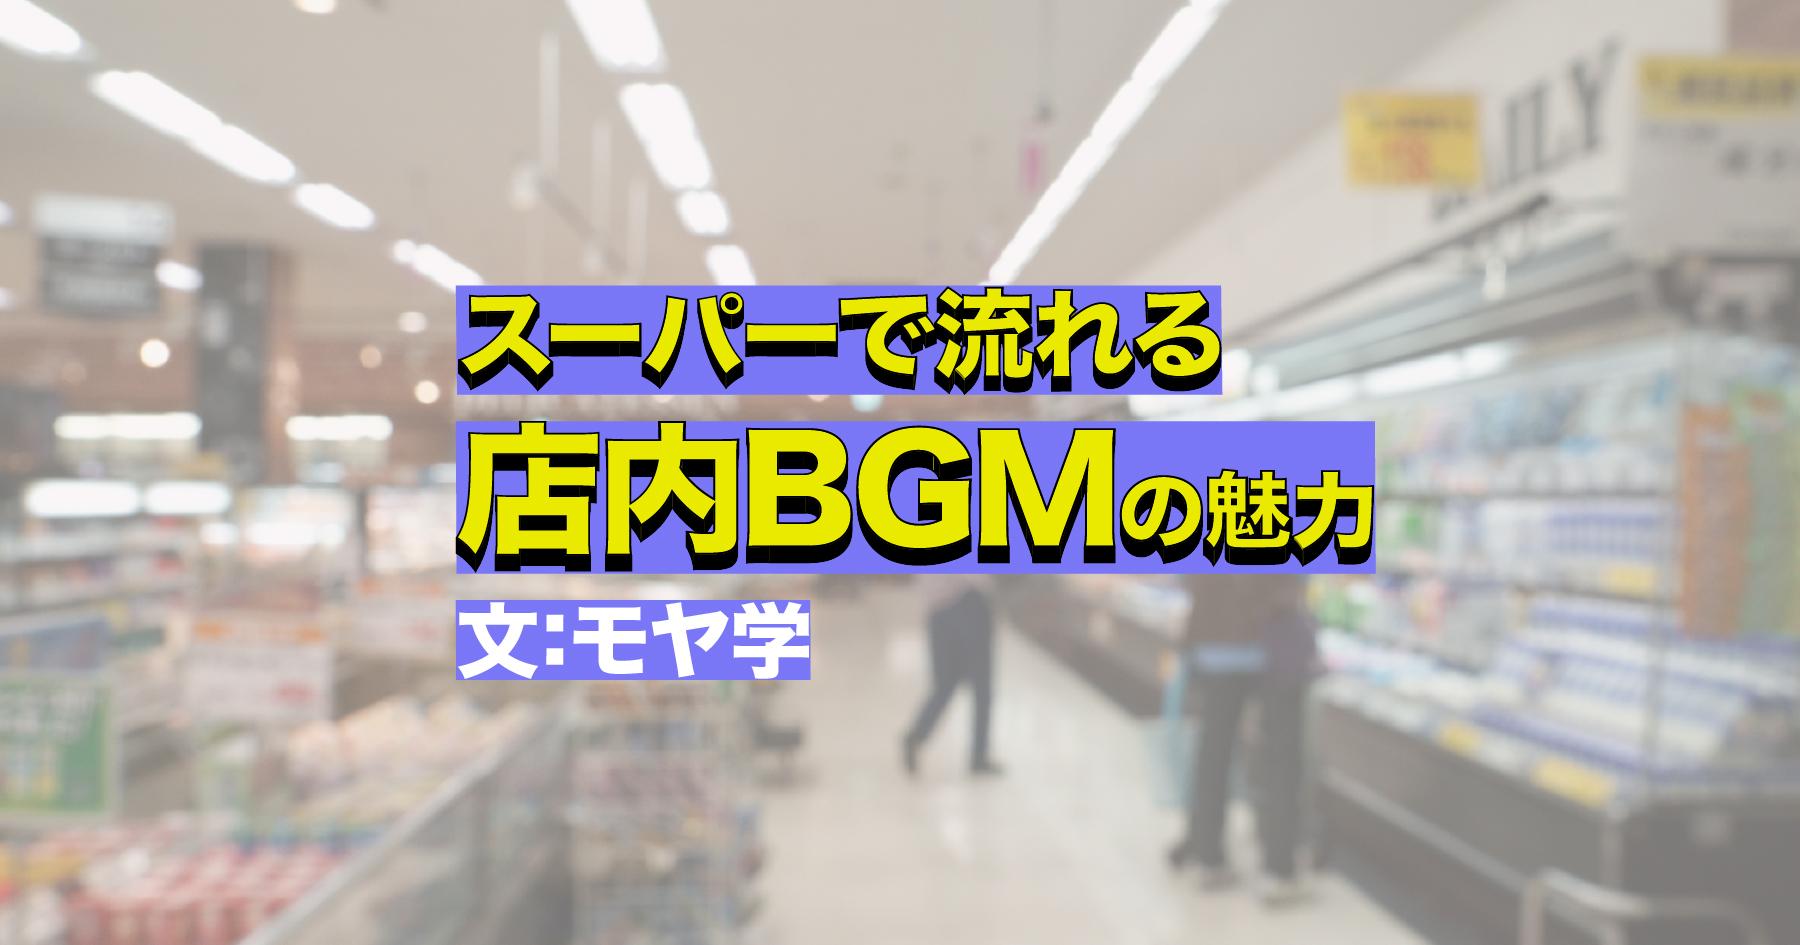 モヤ学さん記事トップ画像